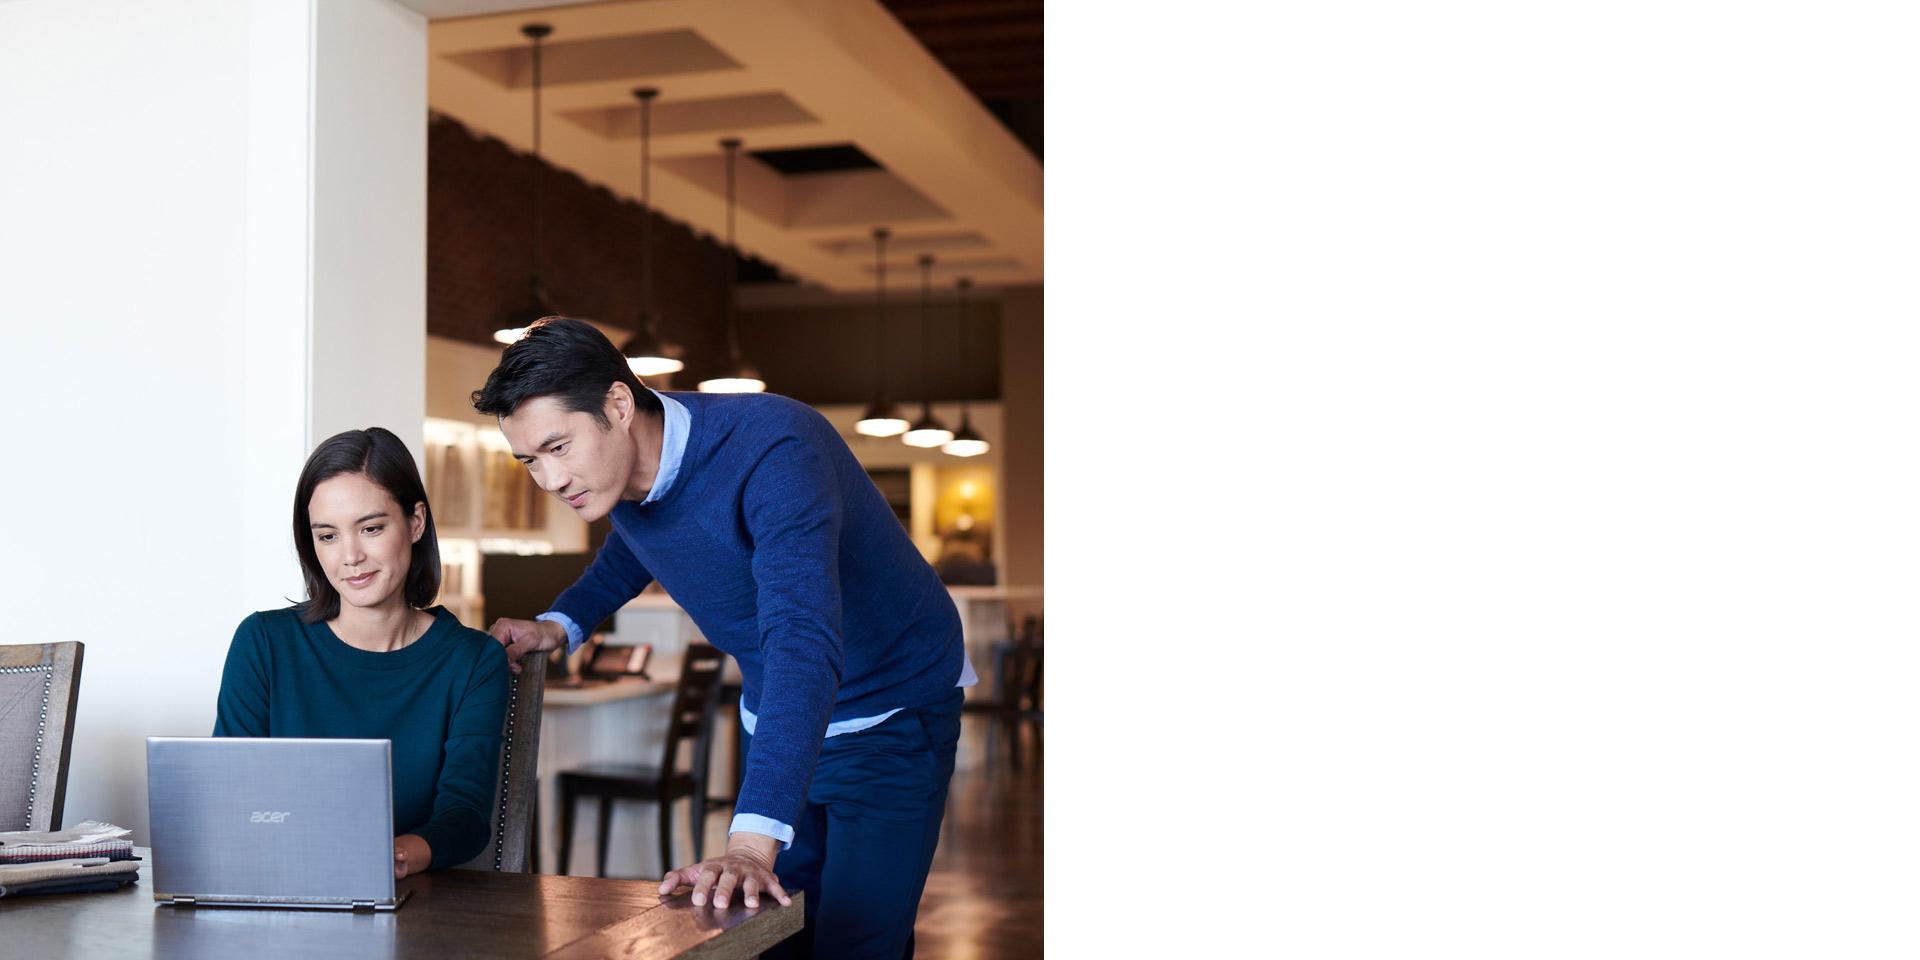 Мужчина смотрит в ноутбук через плечо женщины